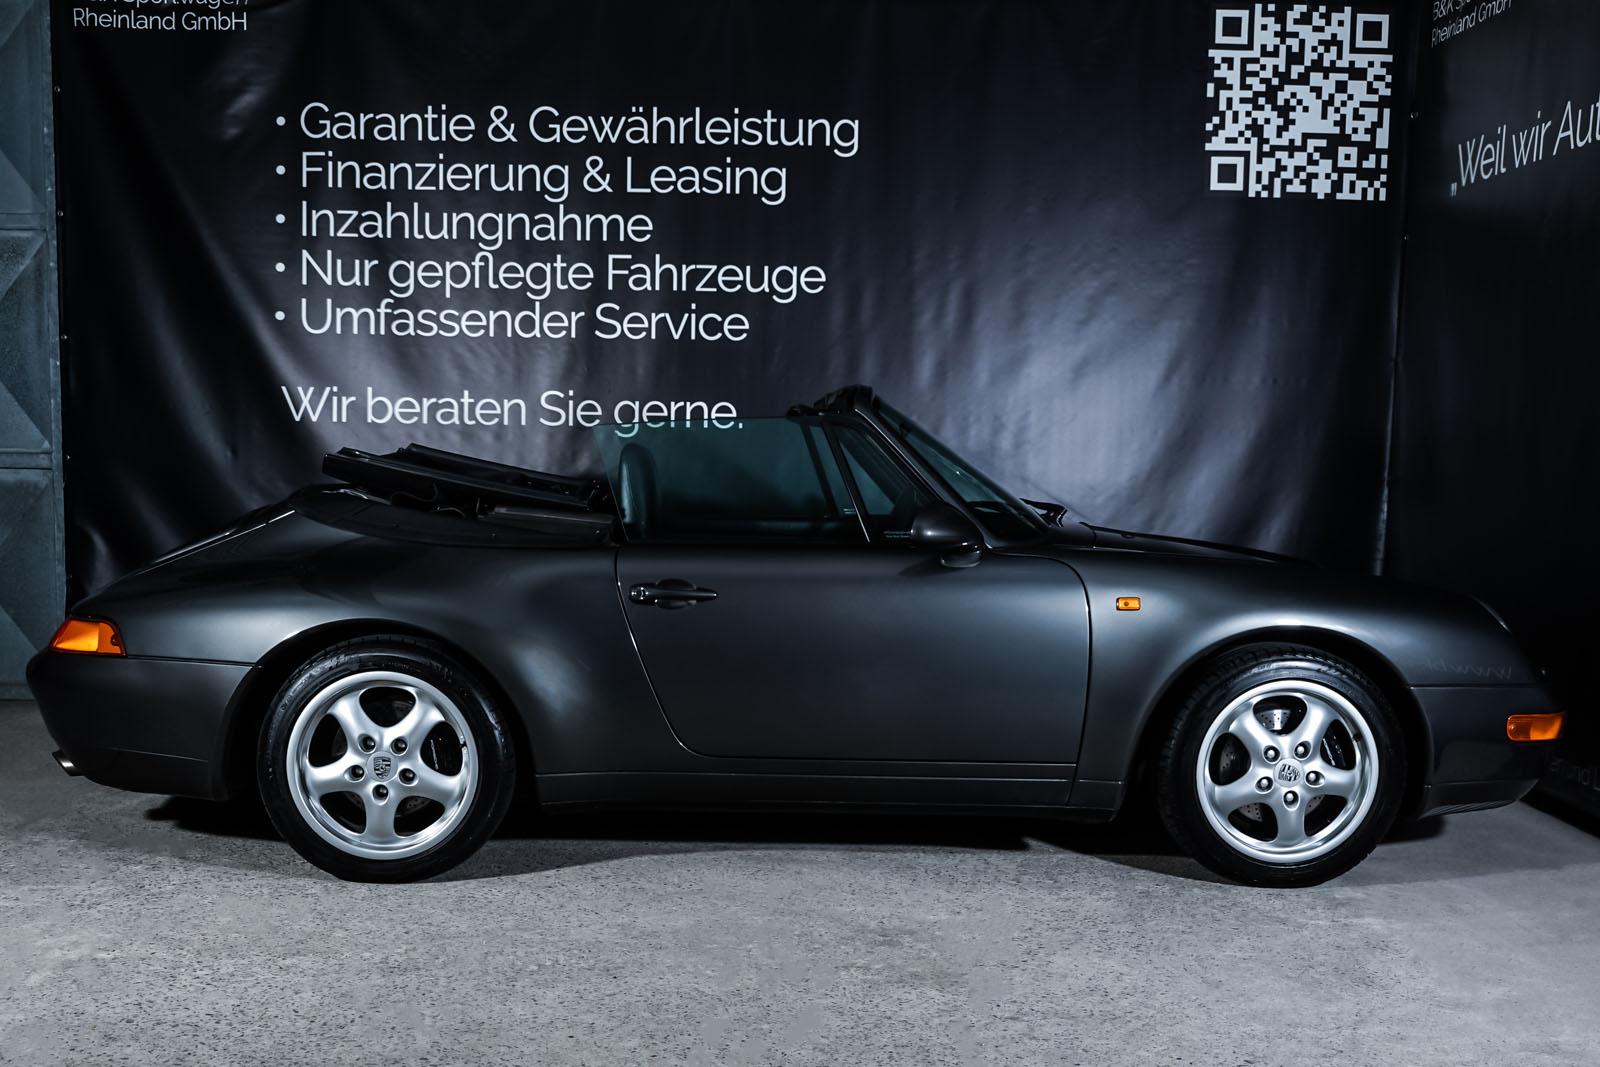 Porsche_993_Carrera_Cabrio_Grau_Schwarz_POR-2375_18_w